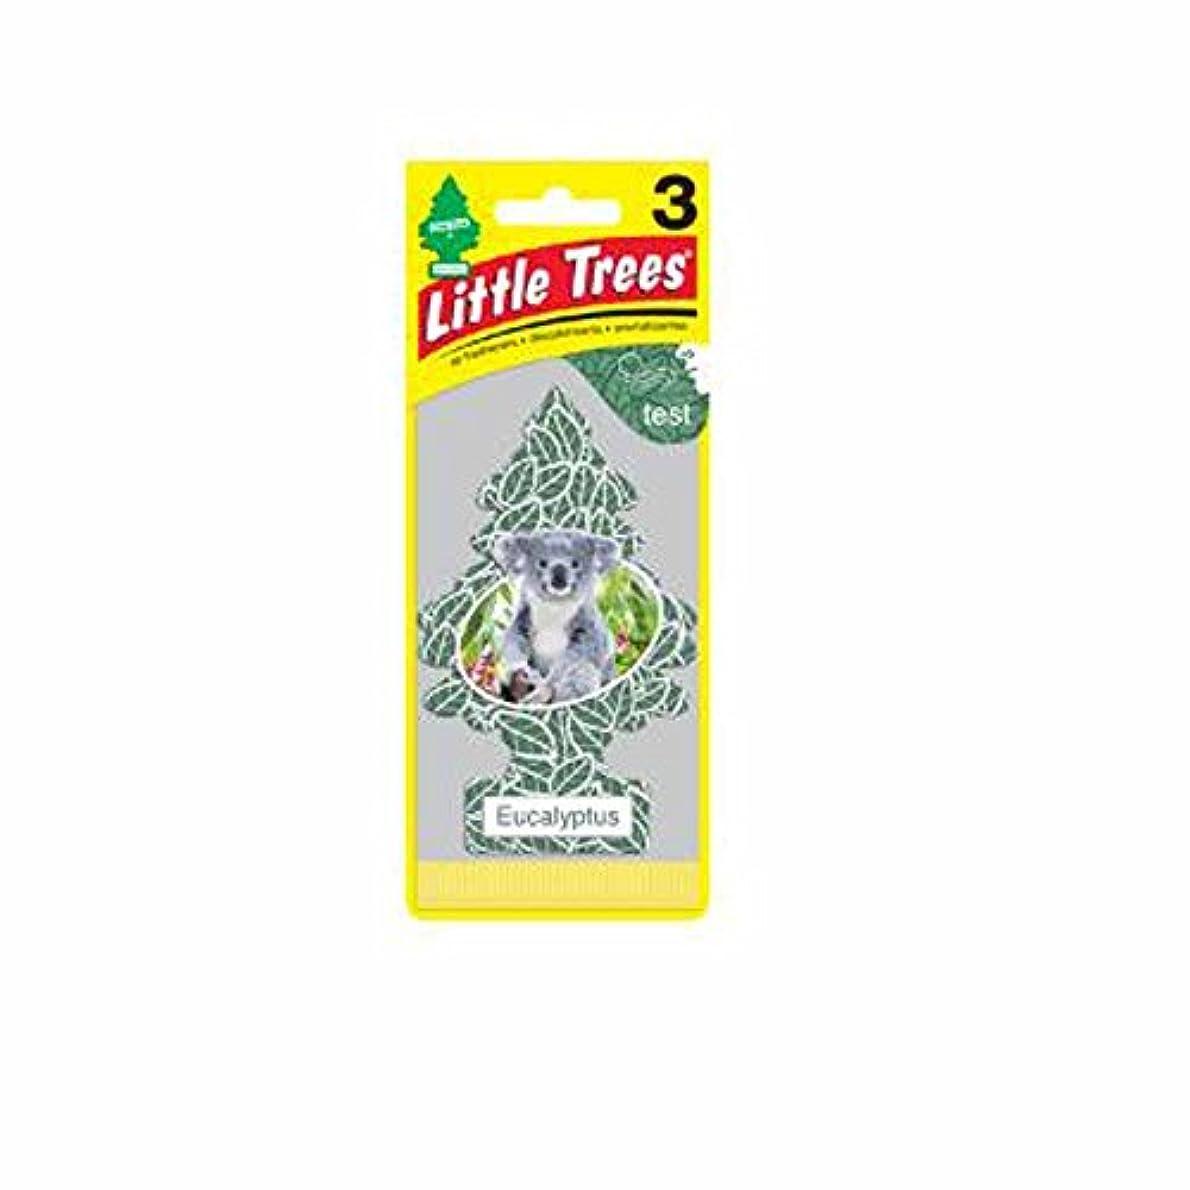 十代の若者たち飢饉札入れLittle Trees 吊下げタイプ エアーフレッシュナー eucalyptus(ユーカリ) 3枚セット(3P) U3S-37365